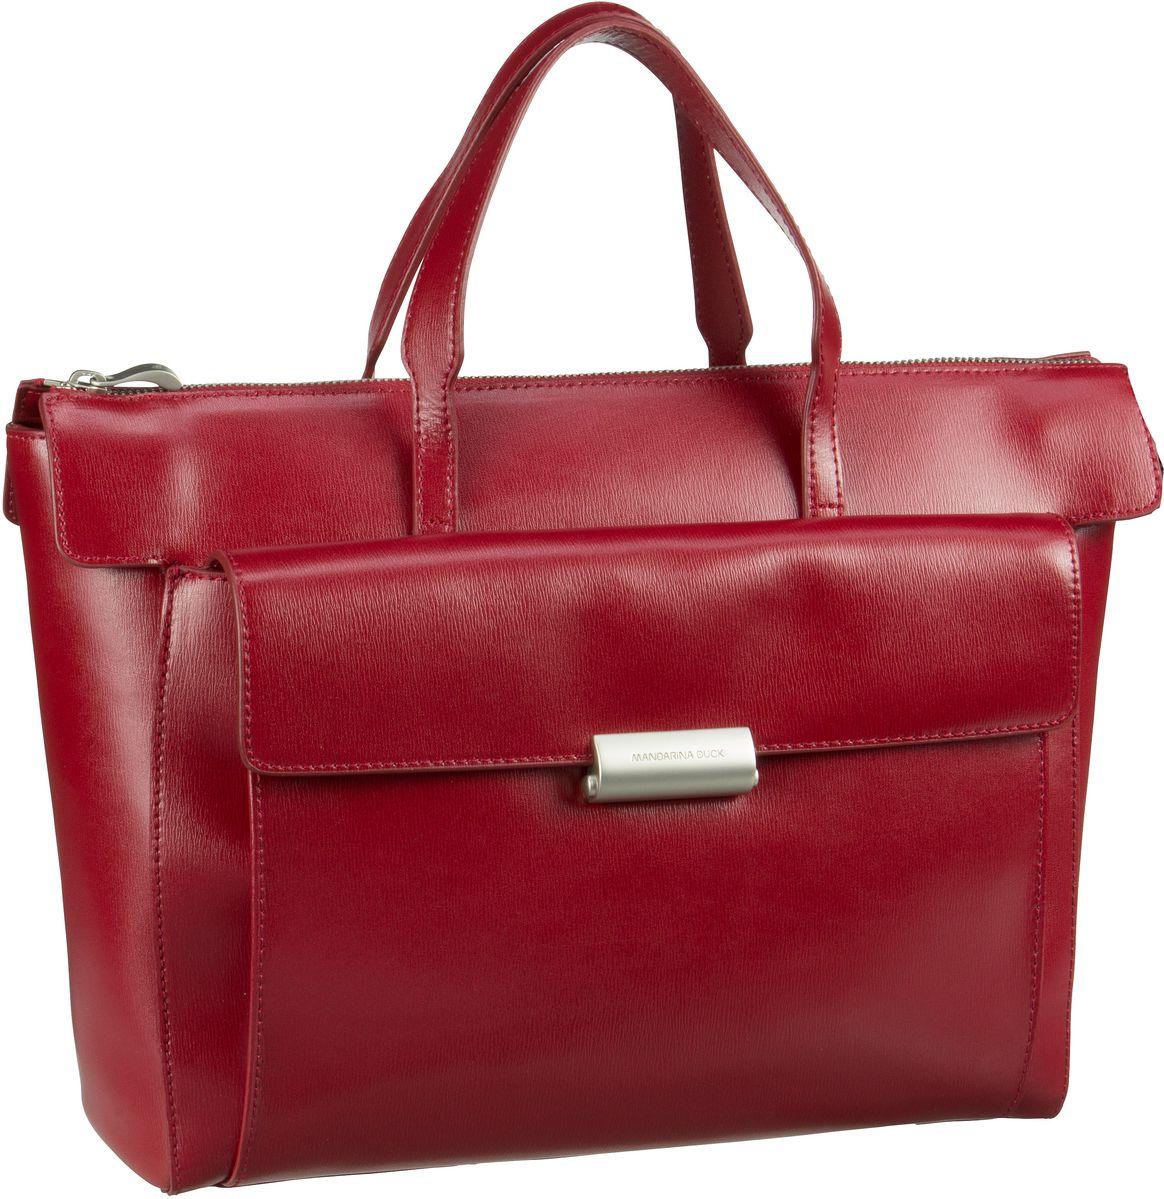 Businesstaschen für Frauen - Mandarina Duck Aktentasche Hera 3.0 Handbag RAT01 Red  - Onlineshop Taschenkaufhaus